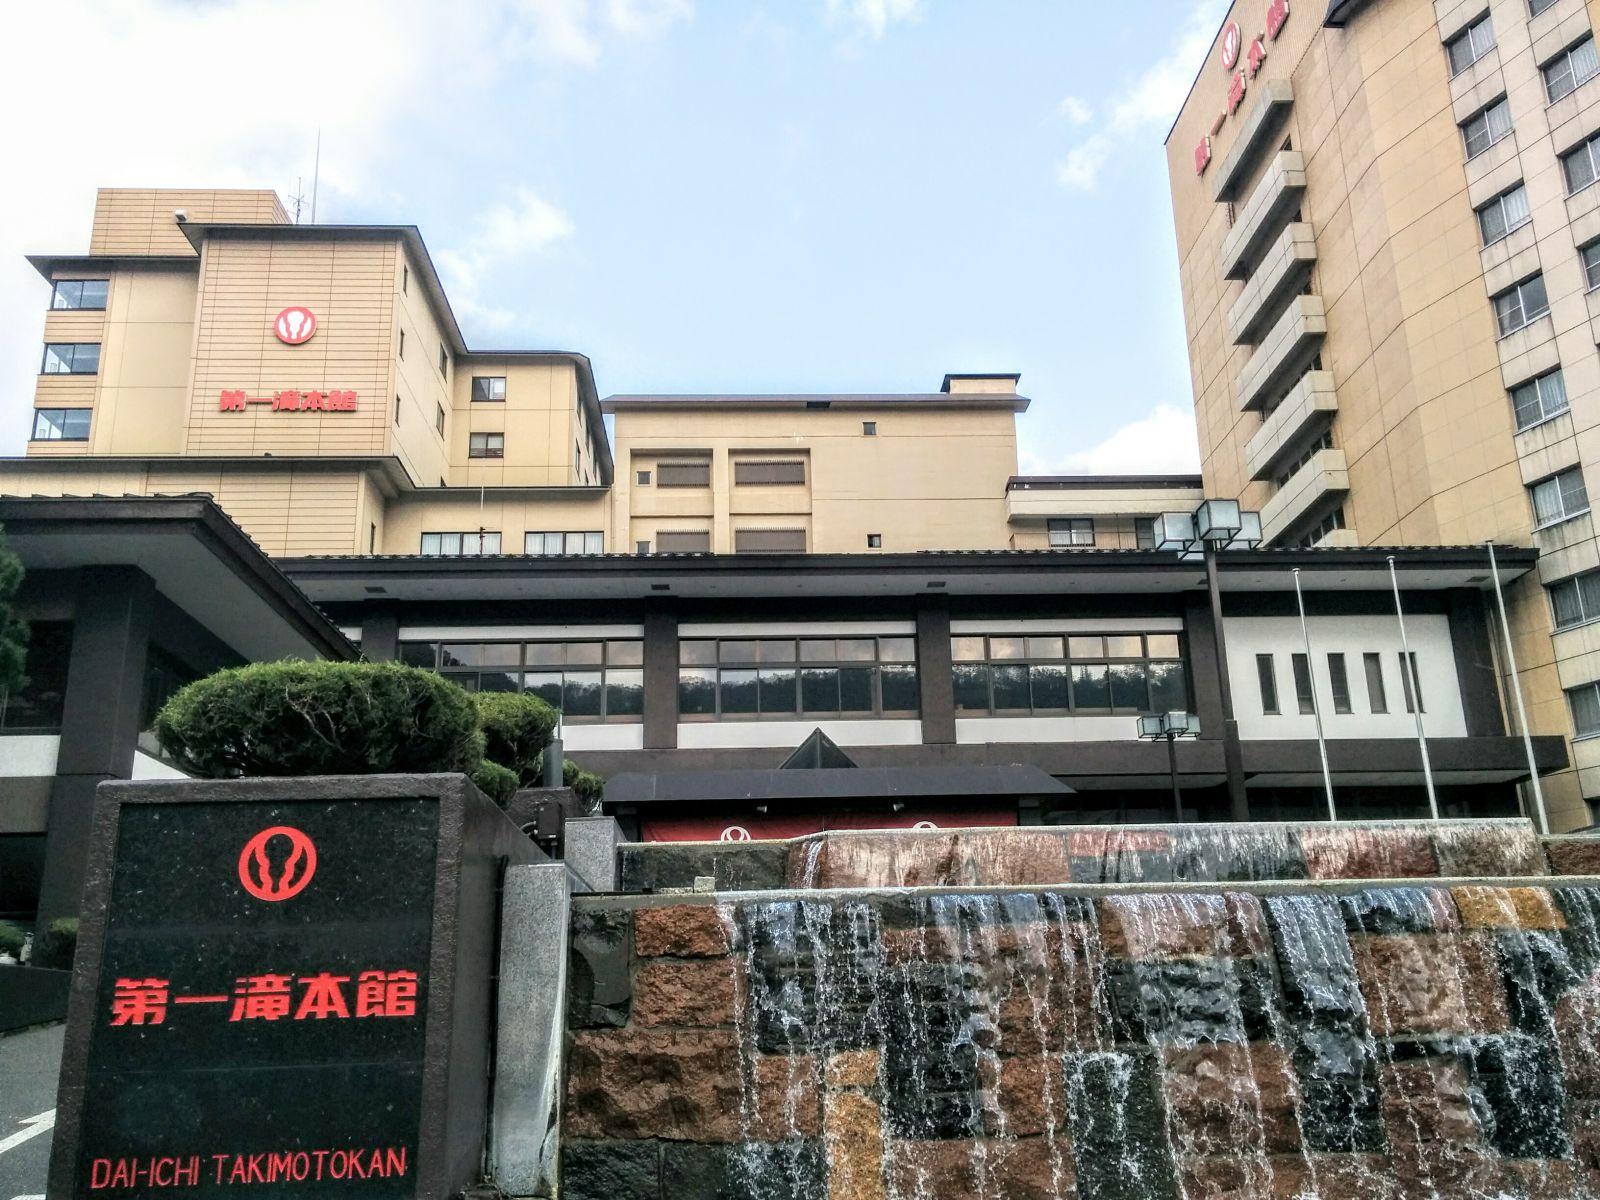 【登別温泉】第一滝本館送迎観光タクシー・ジャンボタクシーです。